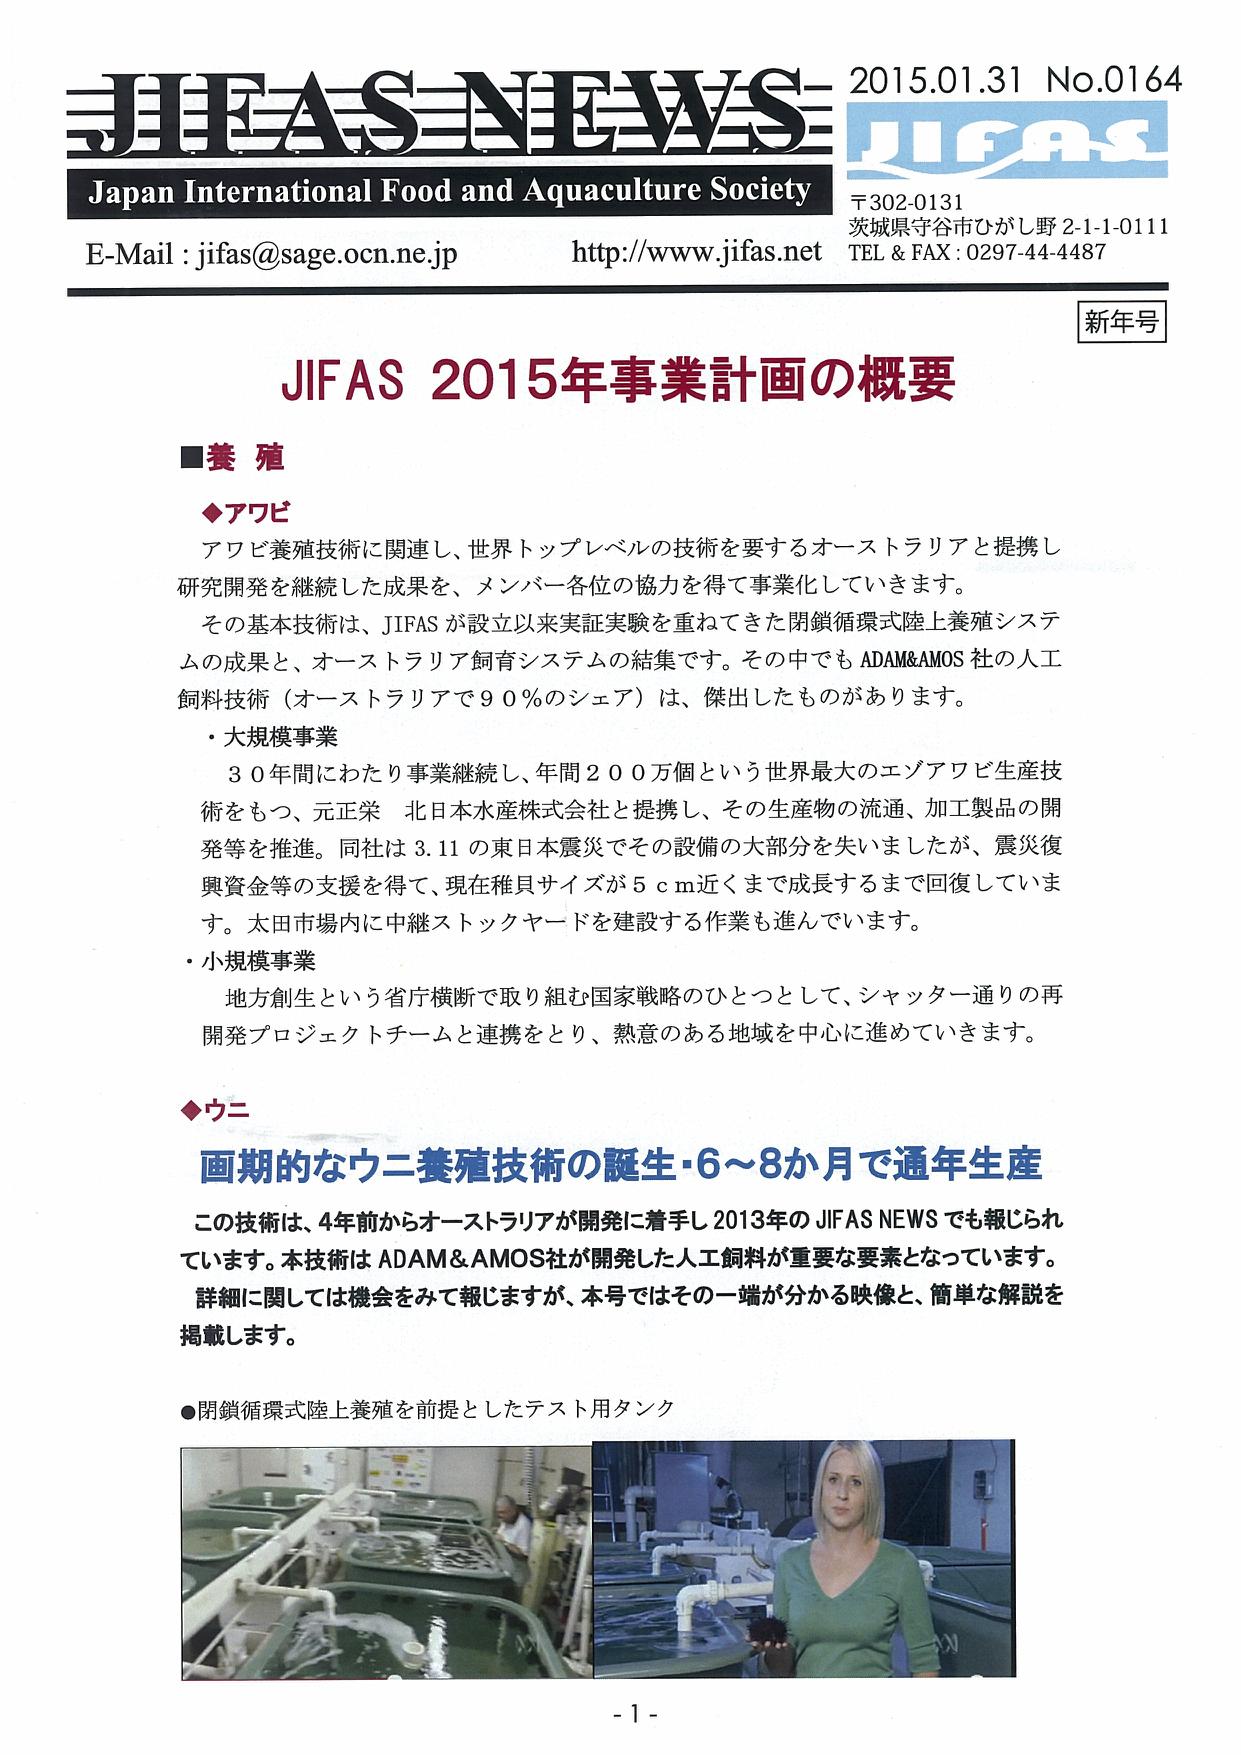 2015年01月31日発行 第164号